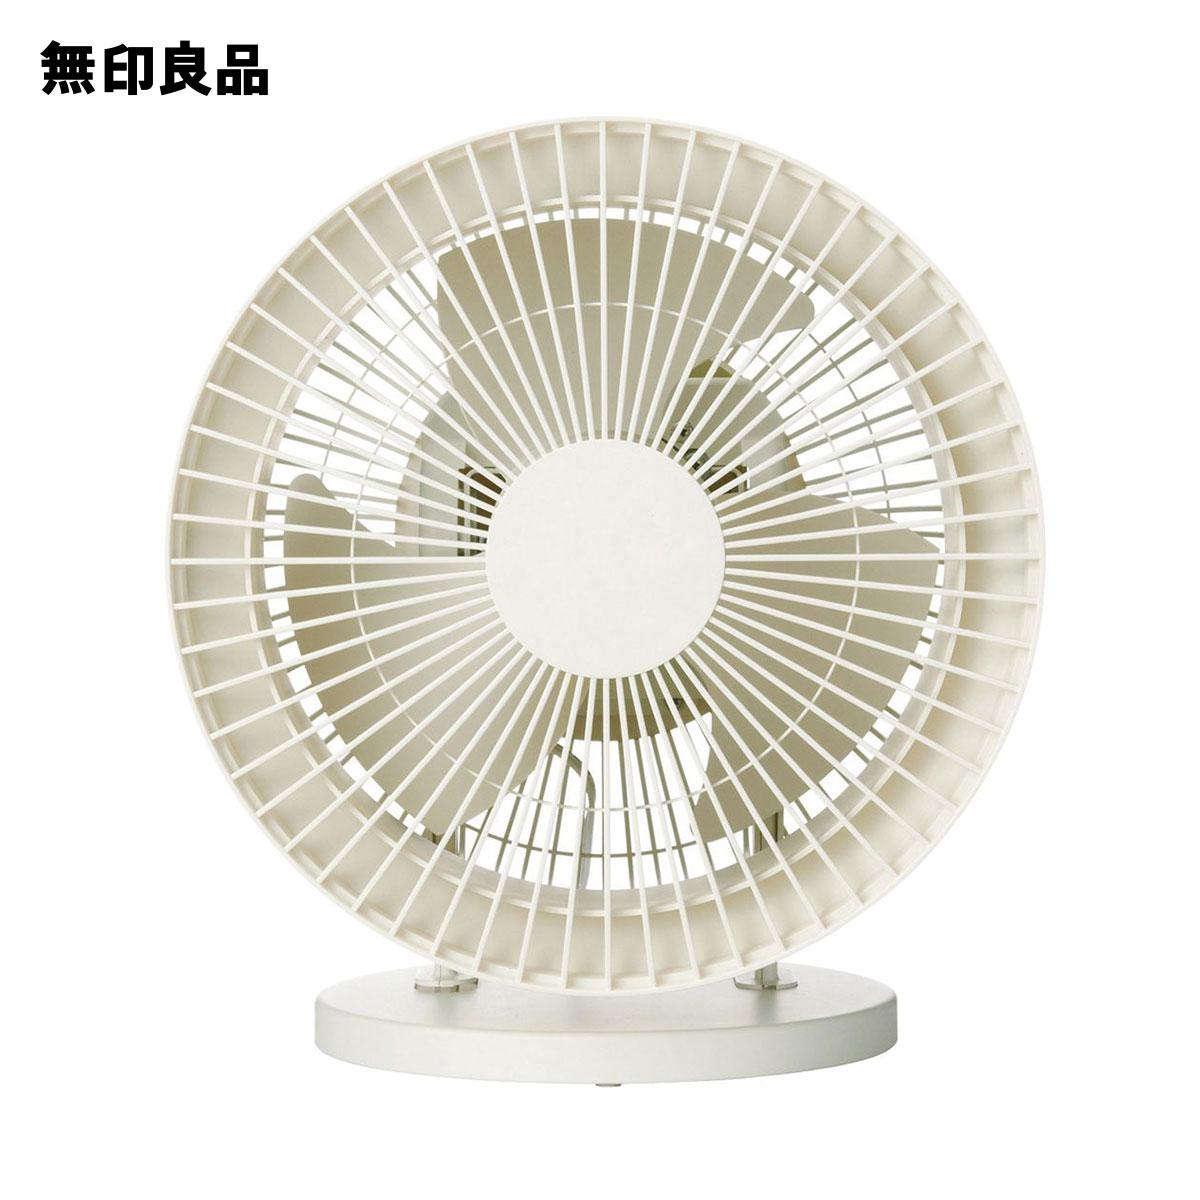 無印良品 公式 至上 海外限定 サーキュレーター ホワイト 大風量タイプ 低騒音ファン